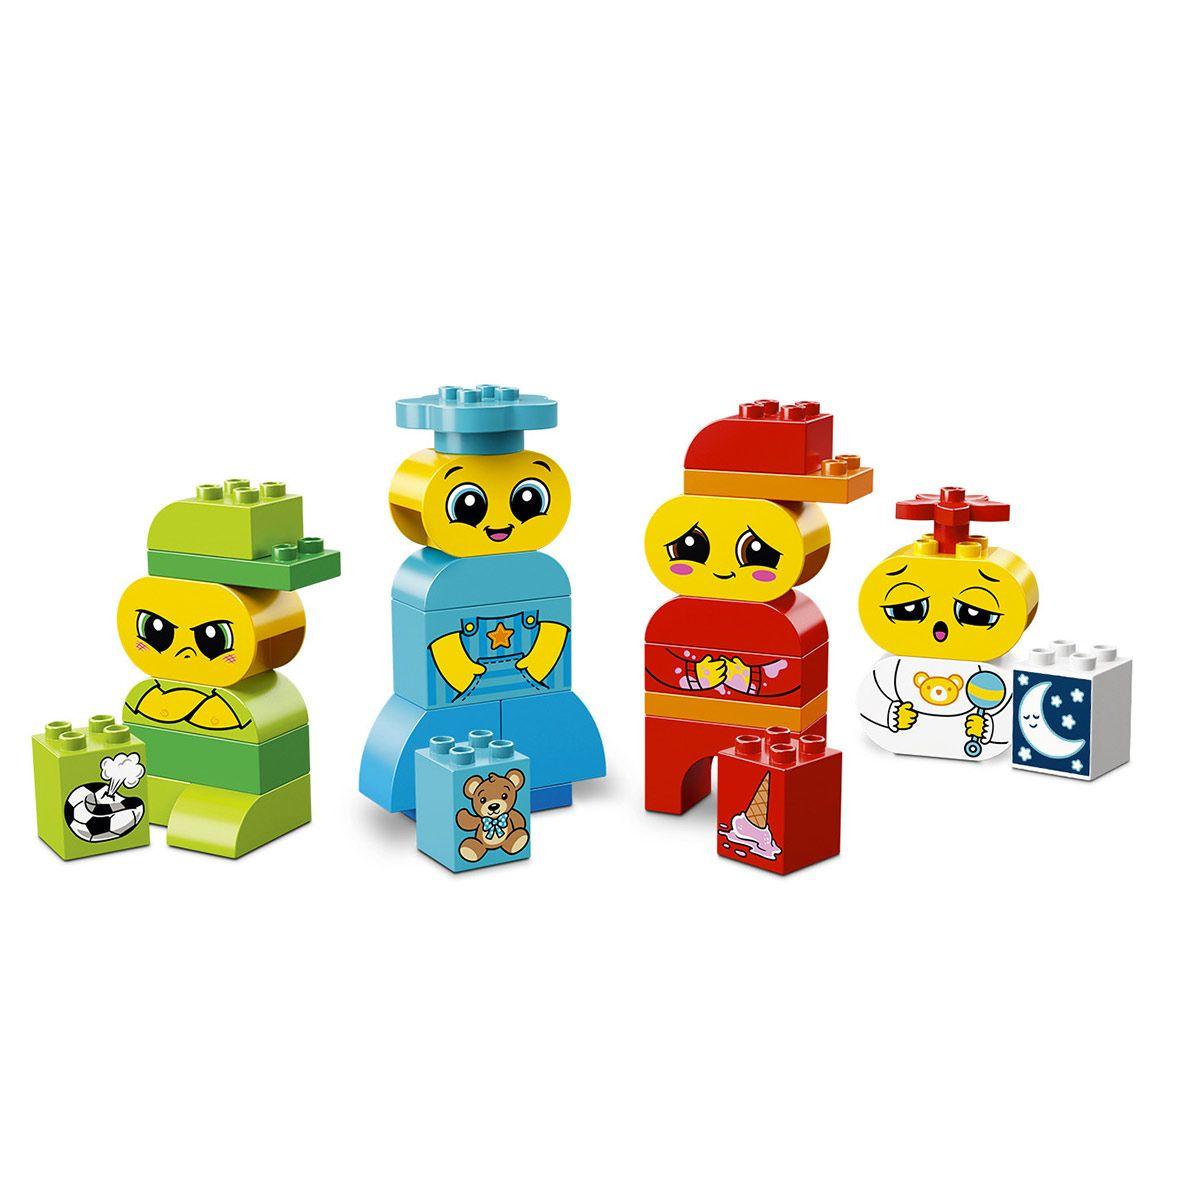 De Construction Premières Duplo Grande Émotions Lego La Mes Jeux yvwOnmN80P